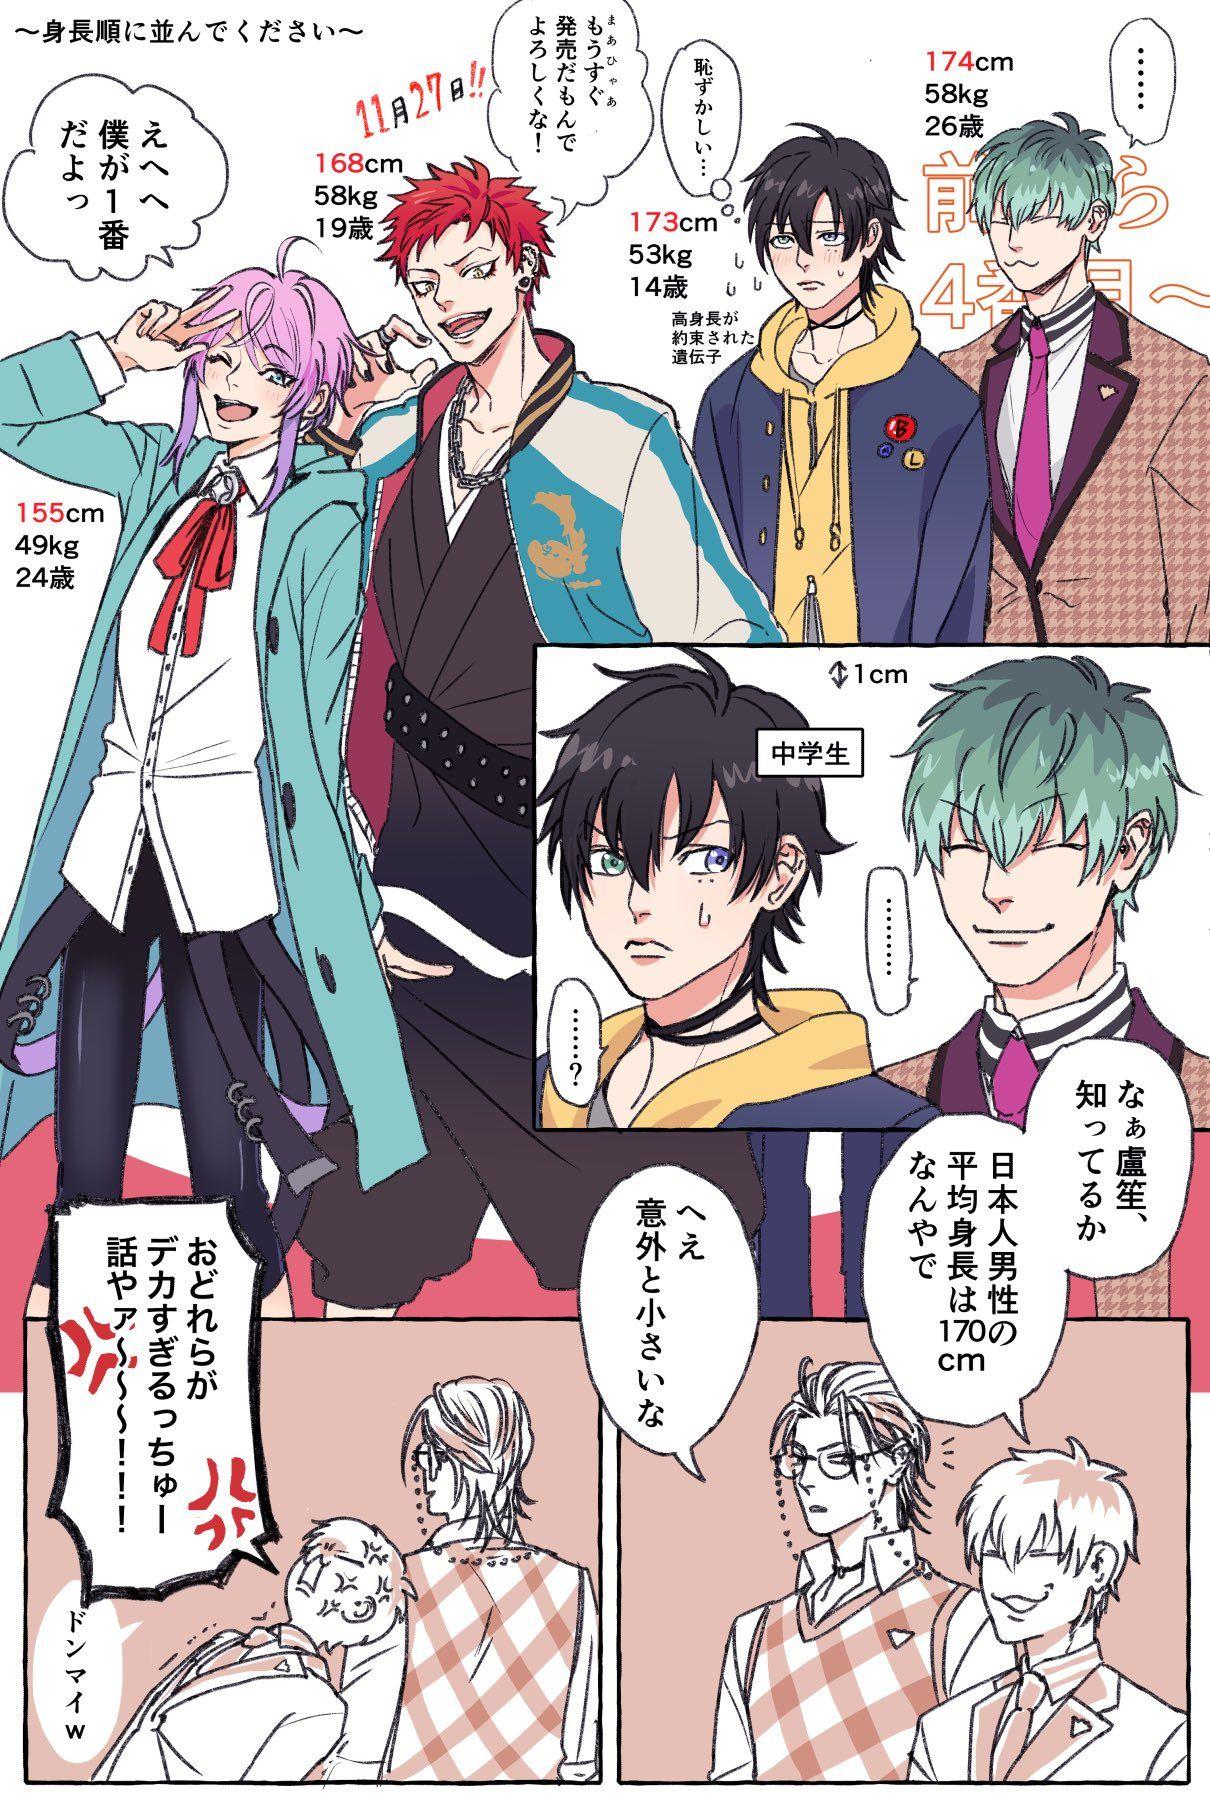 夏岐 on twitter ささろしょと他ディビジョンとの身長的位置づけを勉強した感想絵 anime guys anime anime boy